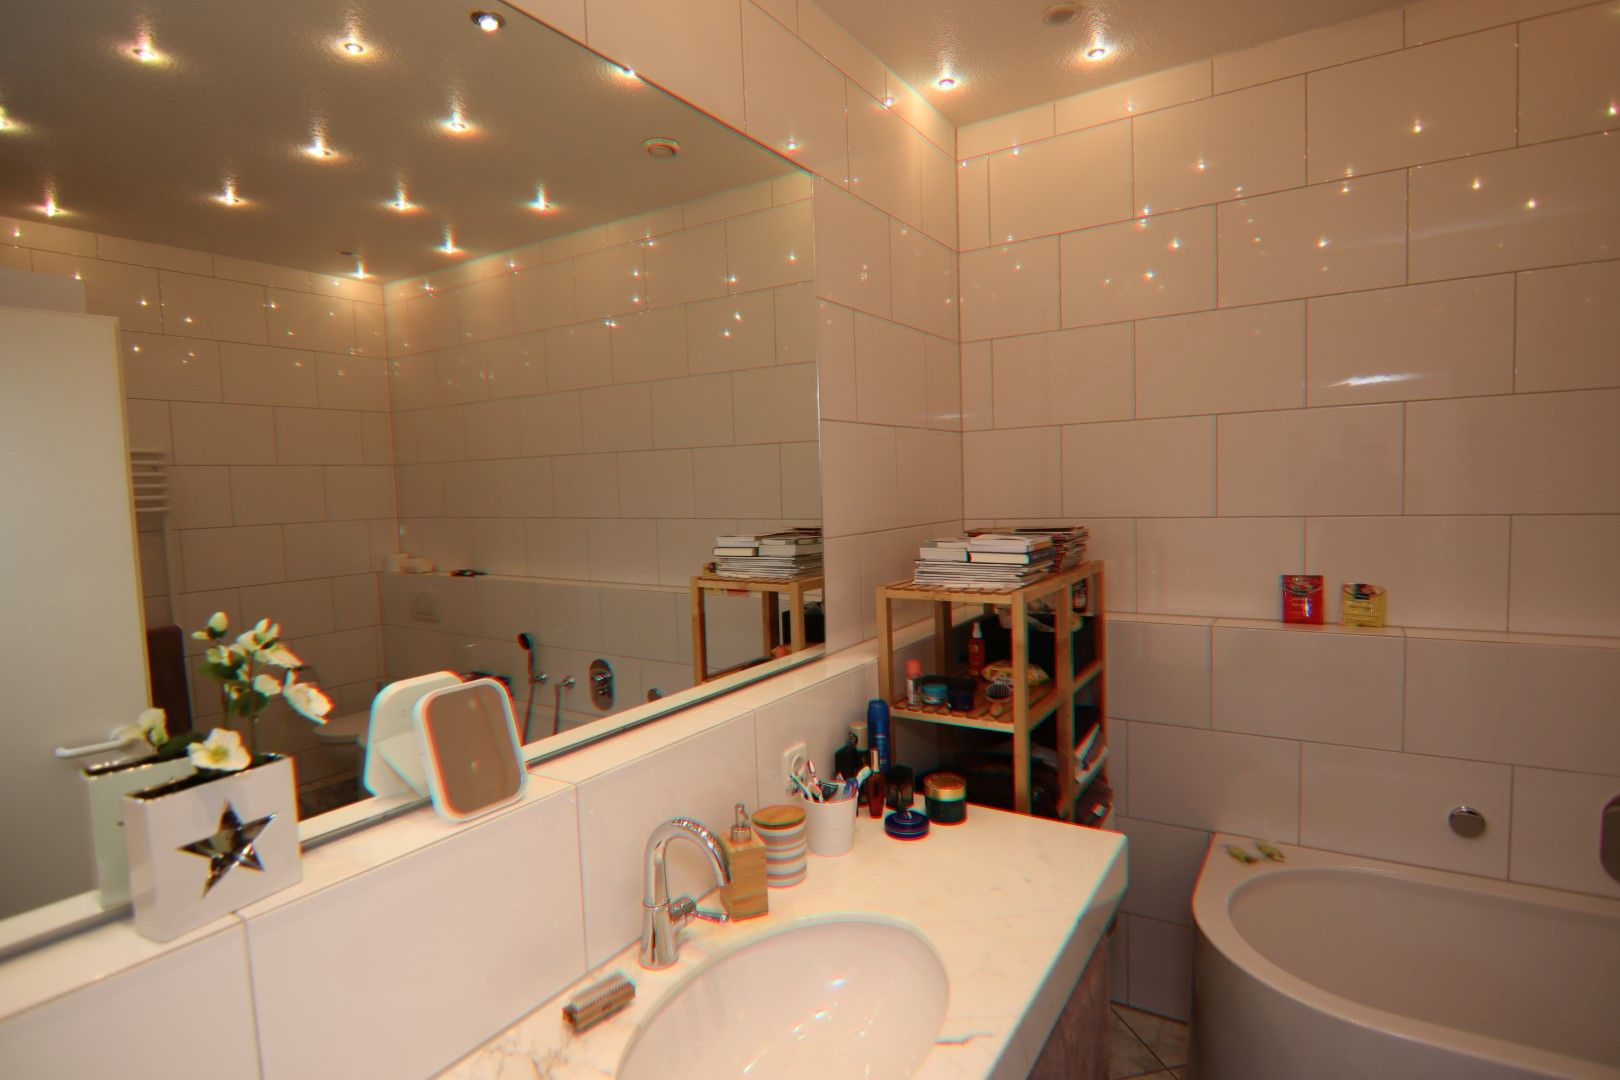 Immobilie Nr.0275 - 4-Raum-Deluxe-Wohnung mit Aufzug, Dachterrasse u. Garage - Bild 15.jpg